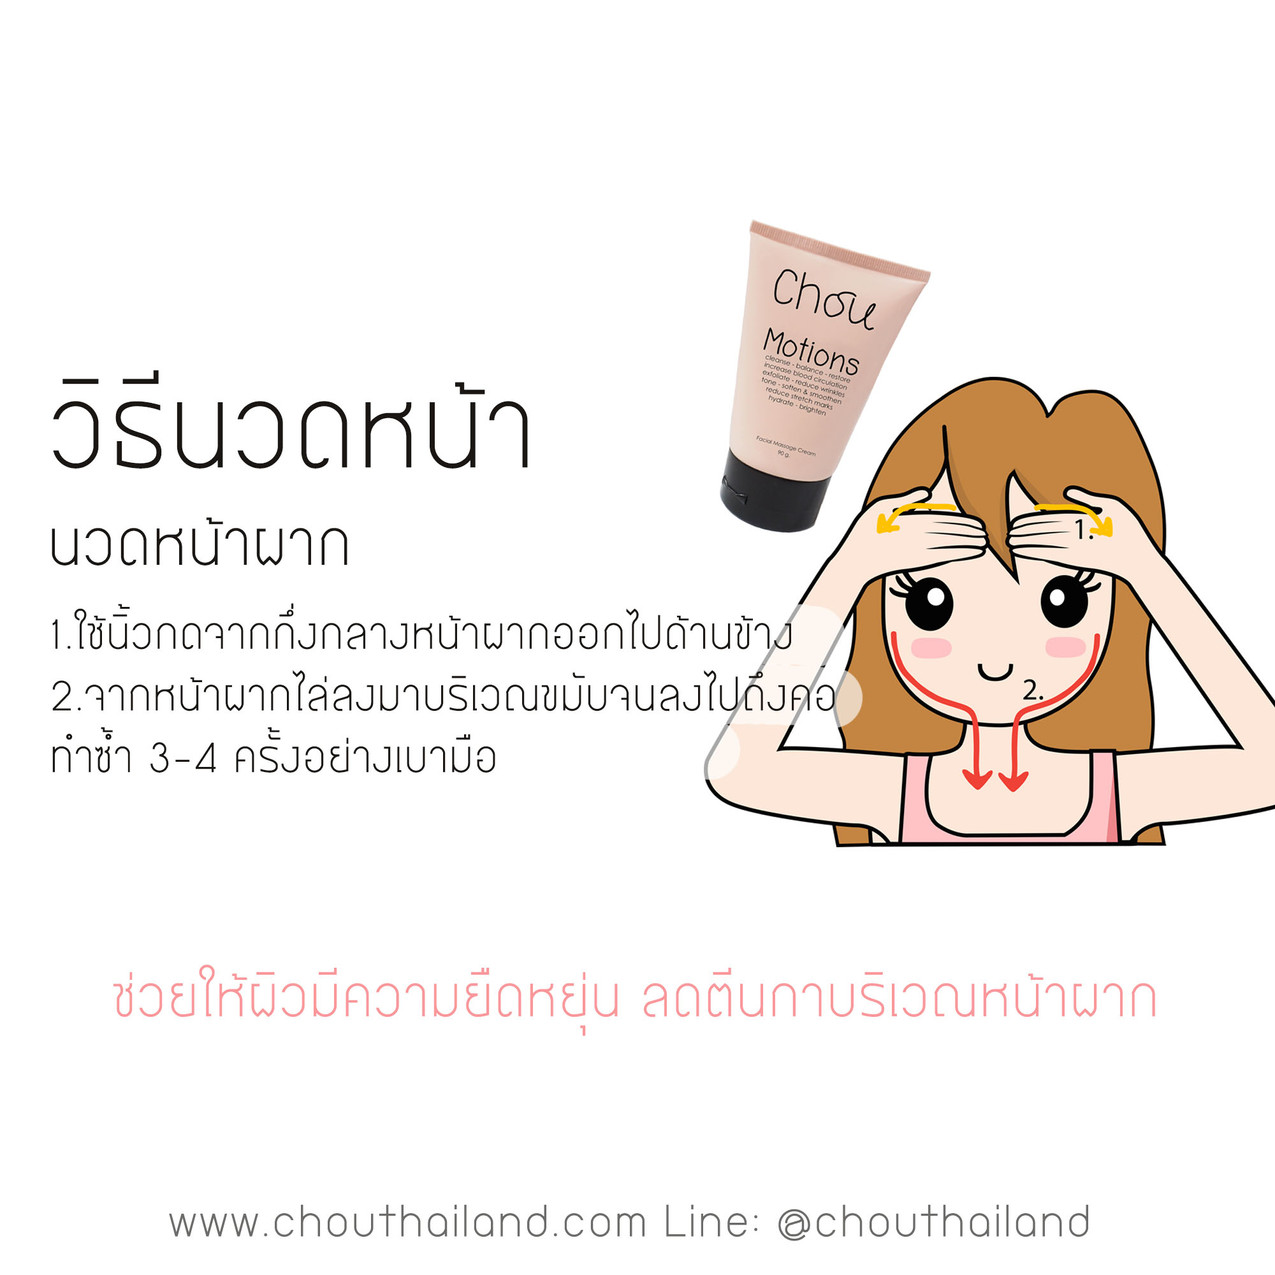 Motions Massage cream 16 forehead massage